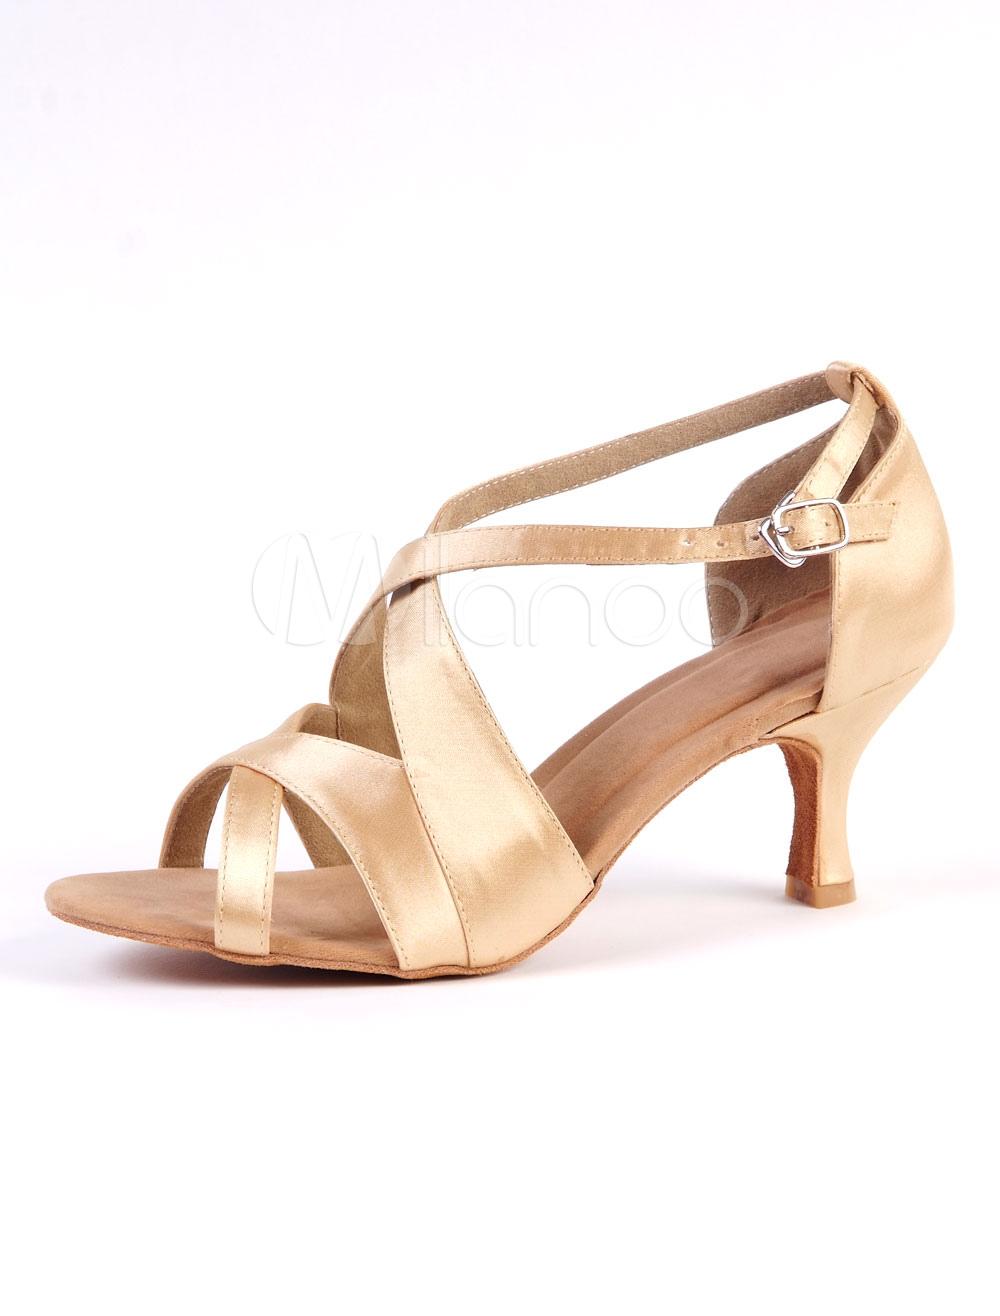 95e133ba ... Zapatos de bailes latinos de satén dorados de tacón de kitten para baile  de puntera abierta. 1. -30%. color:dorado